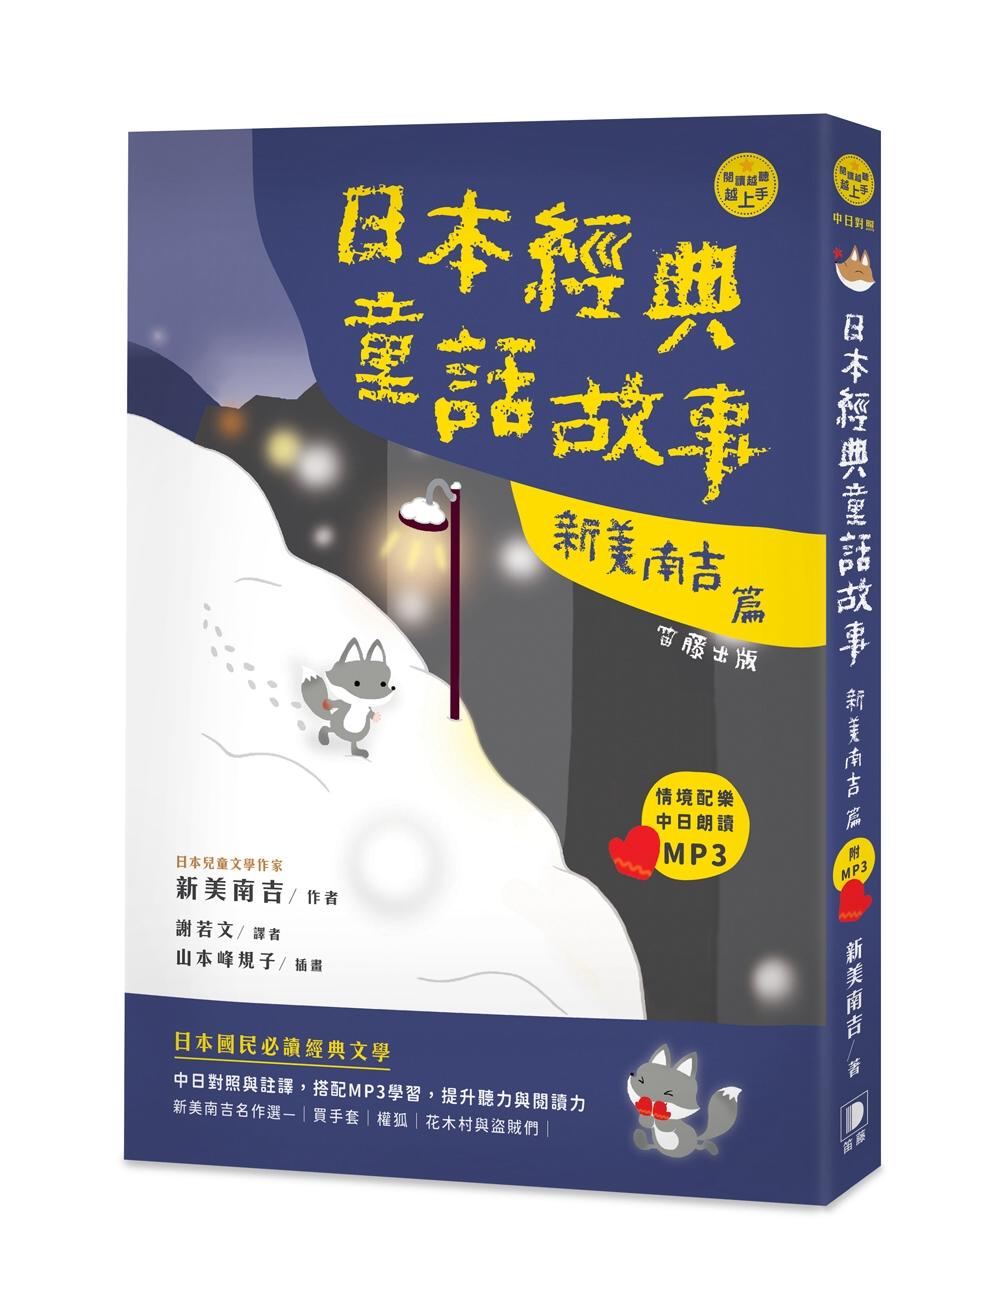 日語閱讀越聽越上手:日本經典童話故事 新美南吉篇(附情境配樂中日朗讀MP3)(二版)